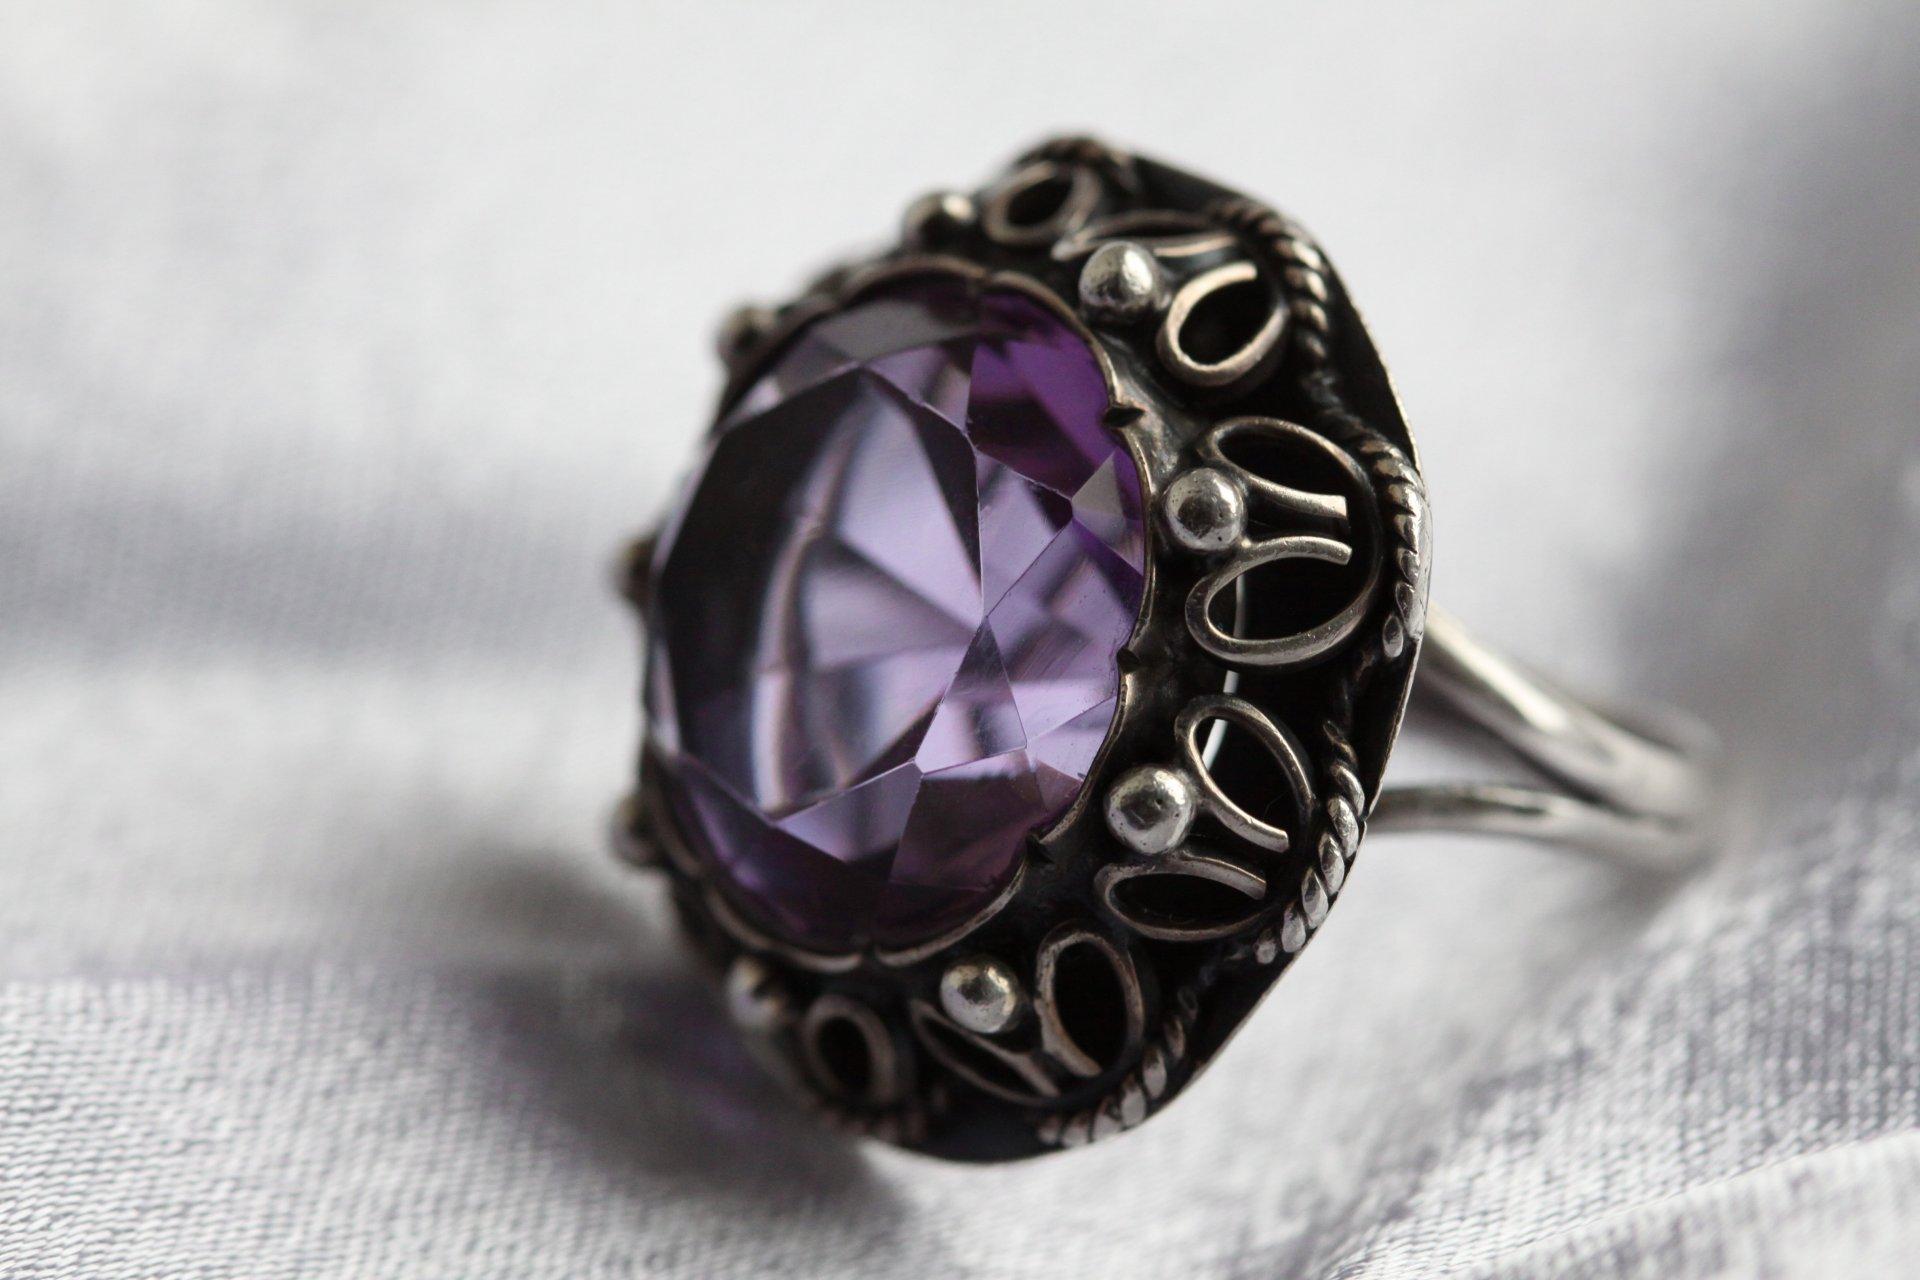 Золотой перстень с бриллиантом предвещает связь с человеком, который подарил вам это кольцо, надеть подобное украшение означает переменить жизнь к лучшему, обрести всеобщее уважение, удачу и везение.